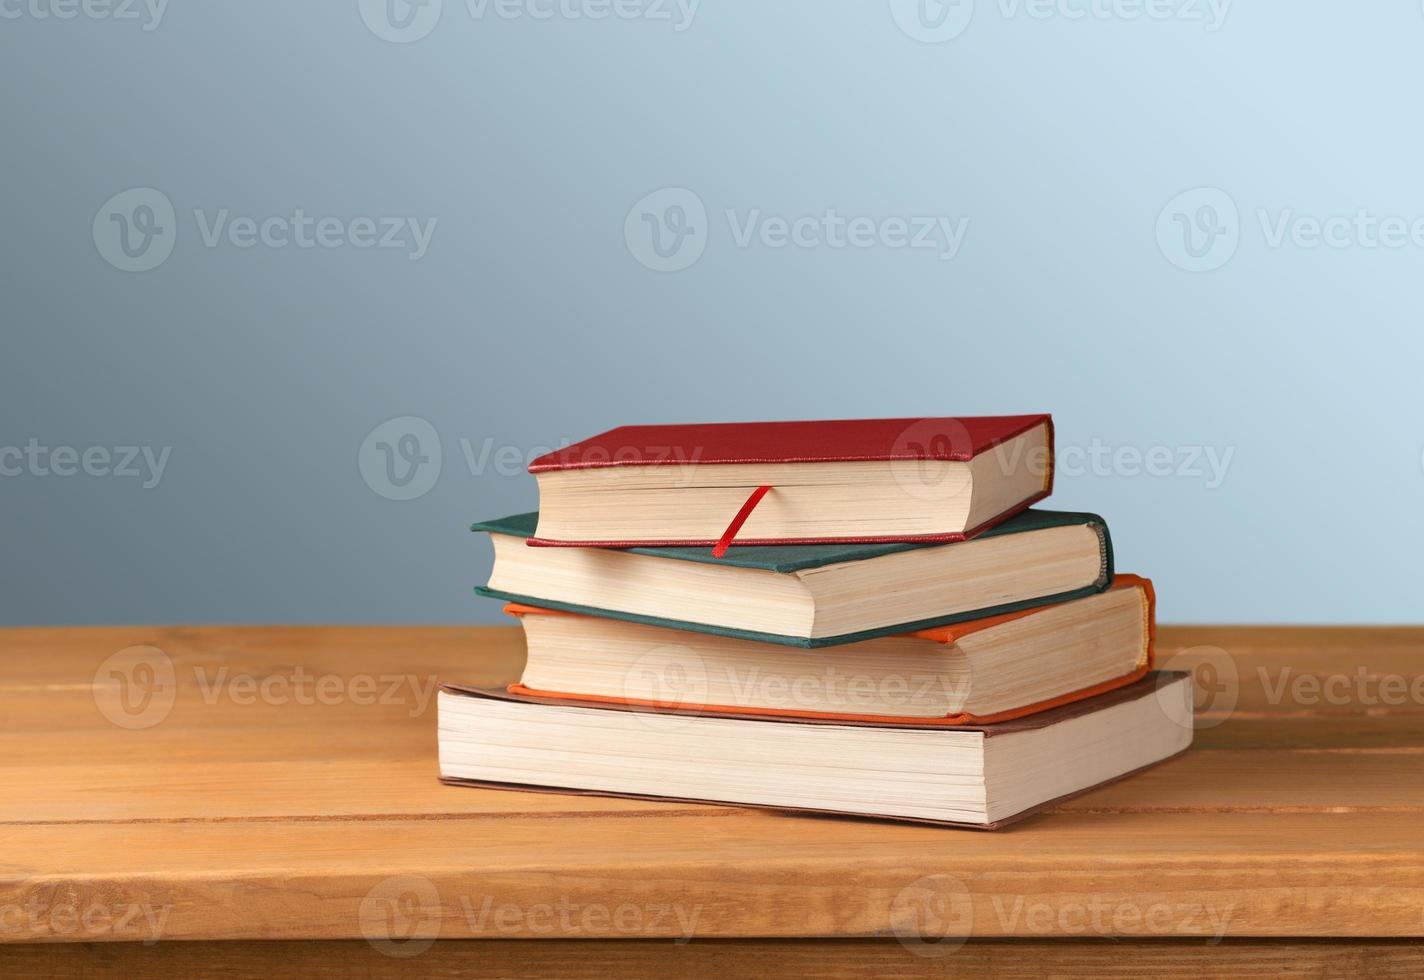 Vintage alte Bücher auf Holzdeck Tischplatte gegen Grunge Wand foto